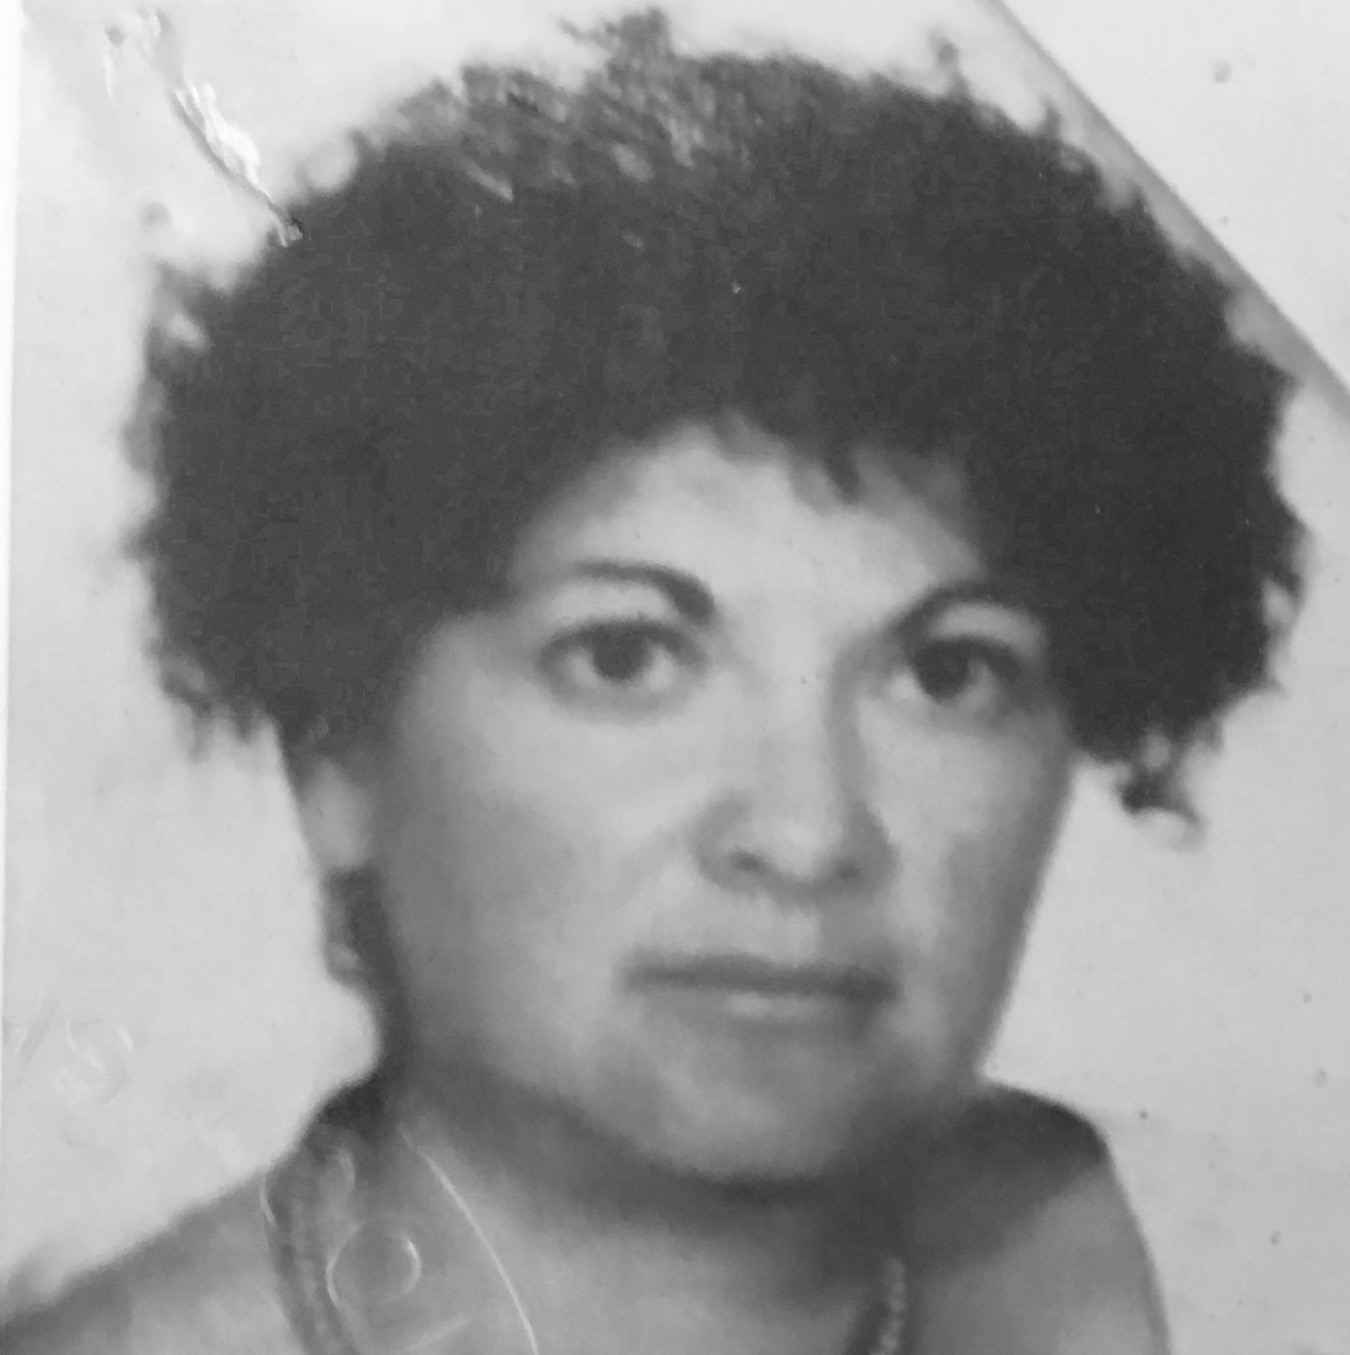 Antonella Botti